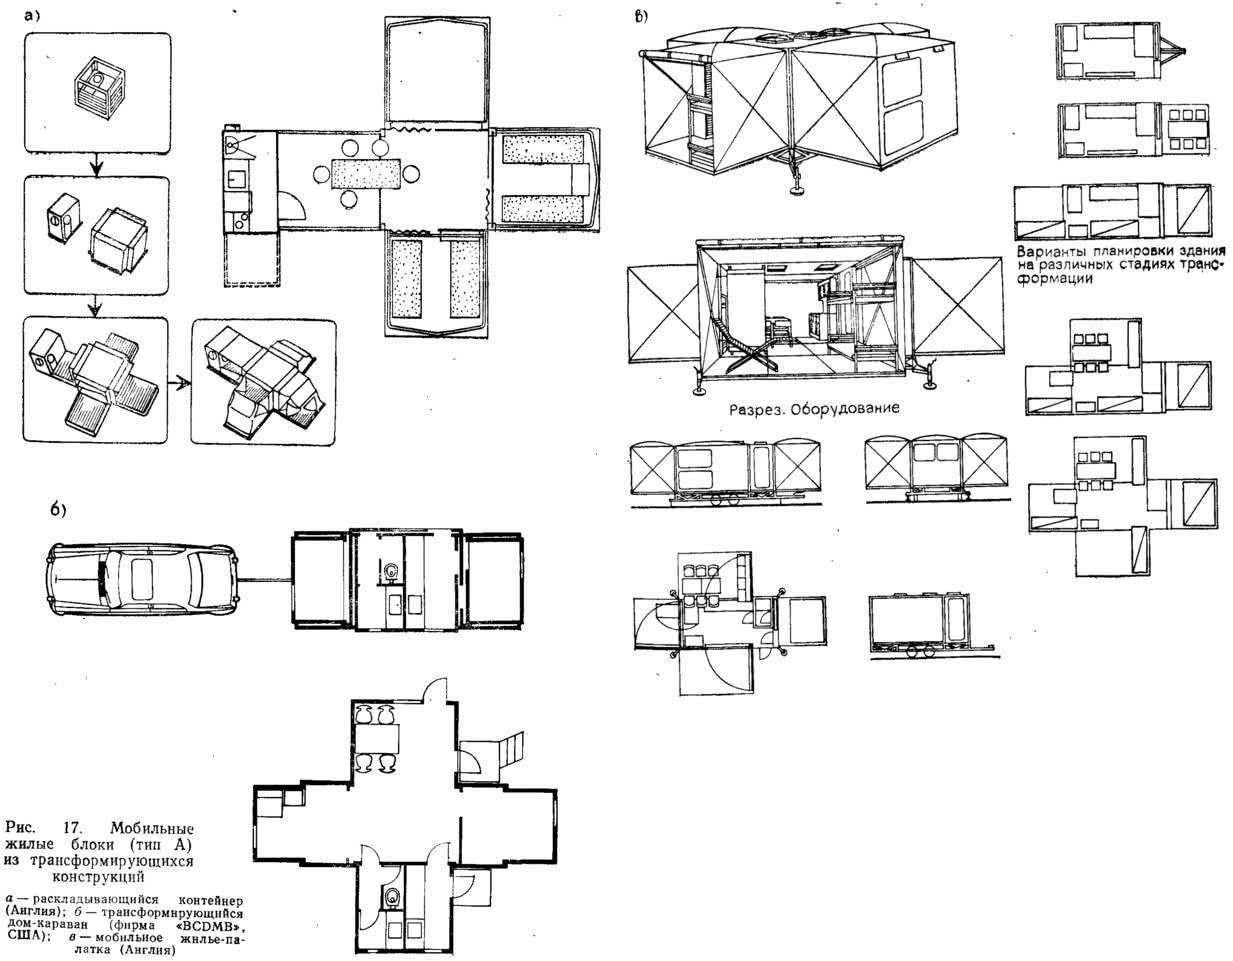 Рис. 17. Мобильные жилые блоки (тип А) из трансформирующихся конструкций